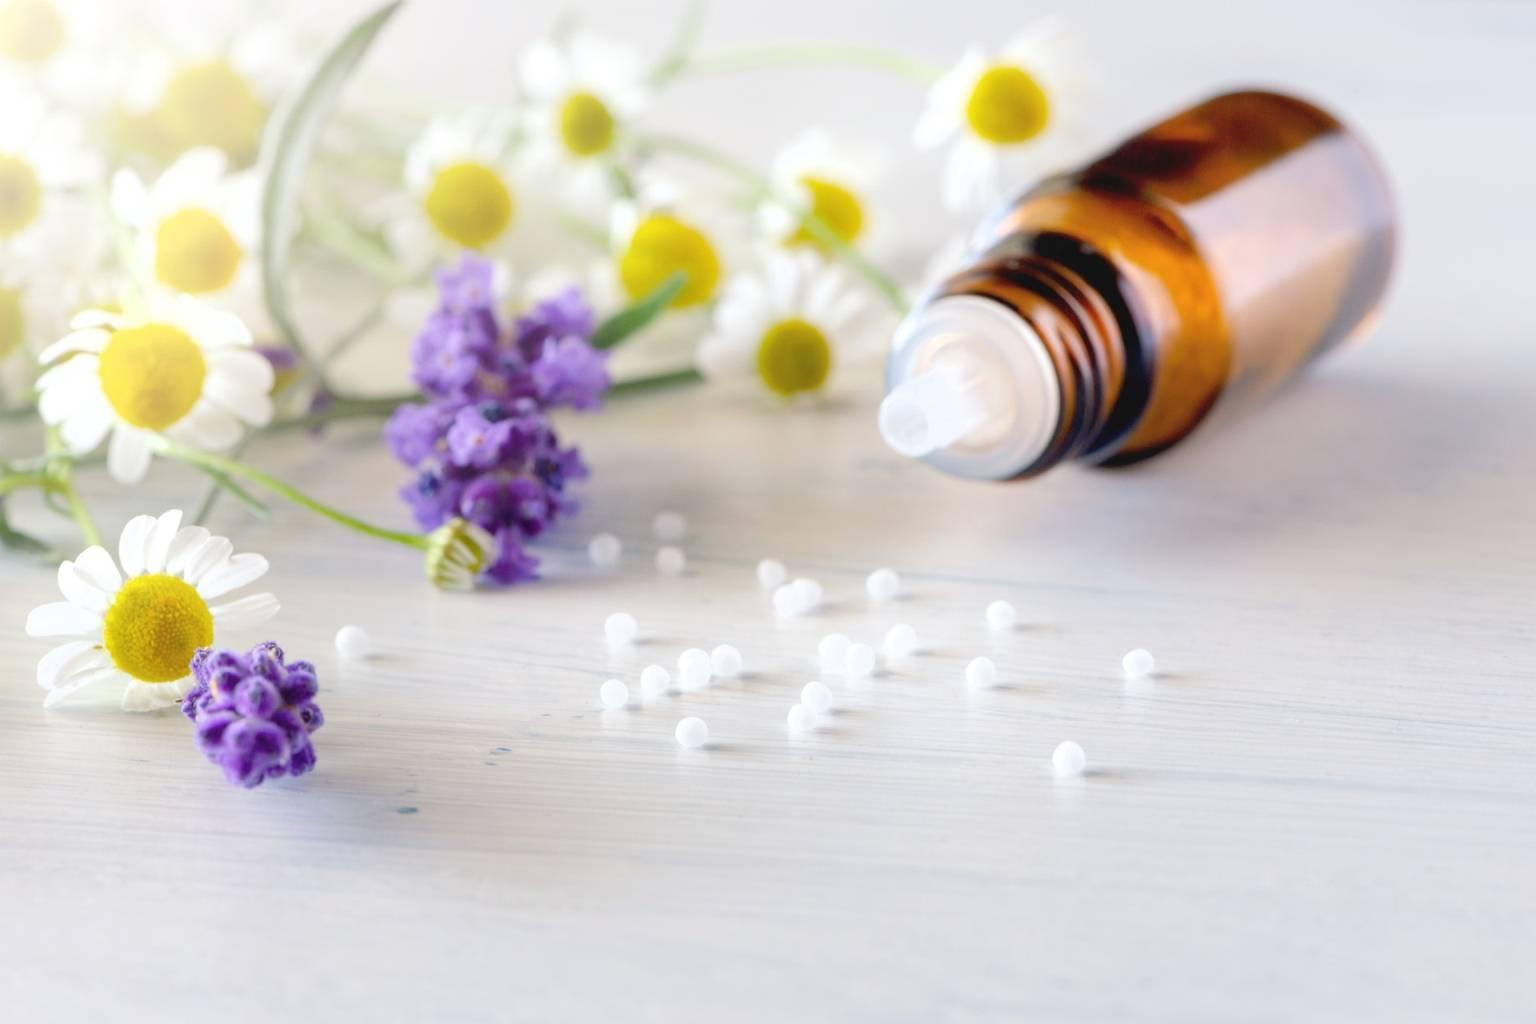 Leki homeopatyczne na dolegliwości w ciąży - granulki rozsypane z fiolki na blacie, obok leżą kwiaty rumianku.